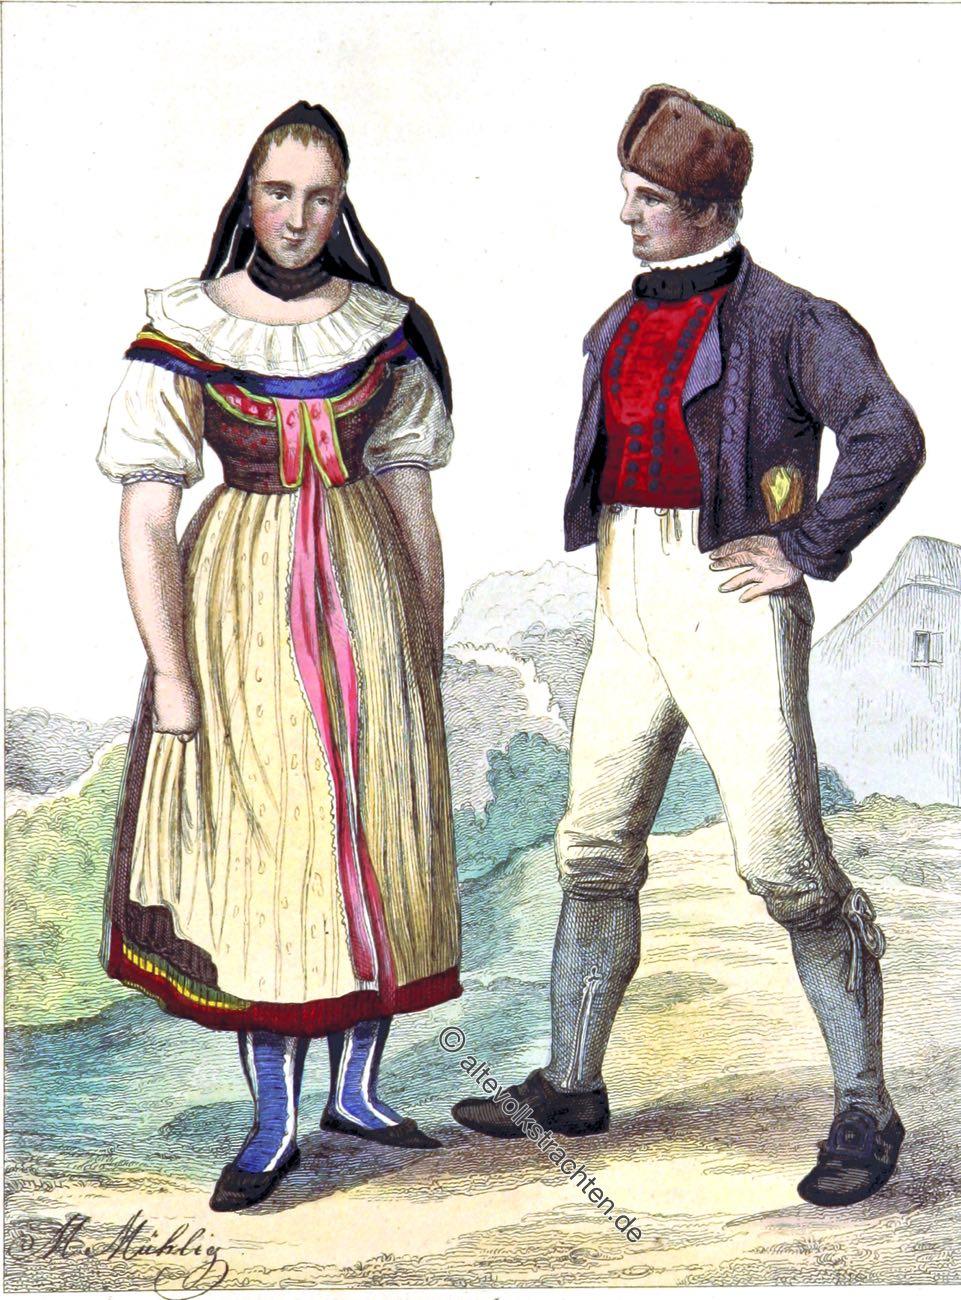 Trachten, Bauerntrachten, Bauersleute, Herzogtum, Braunschweig.